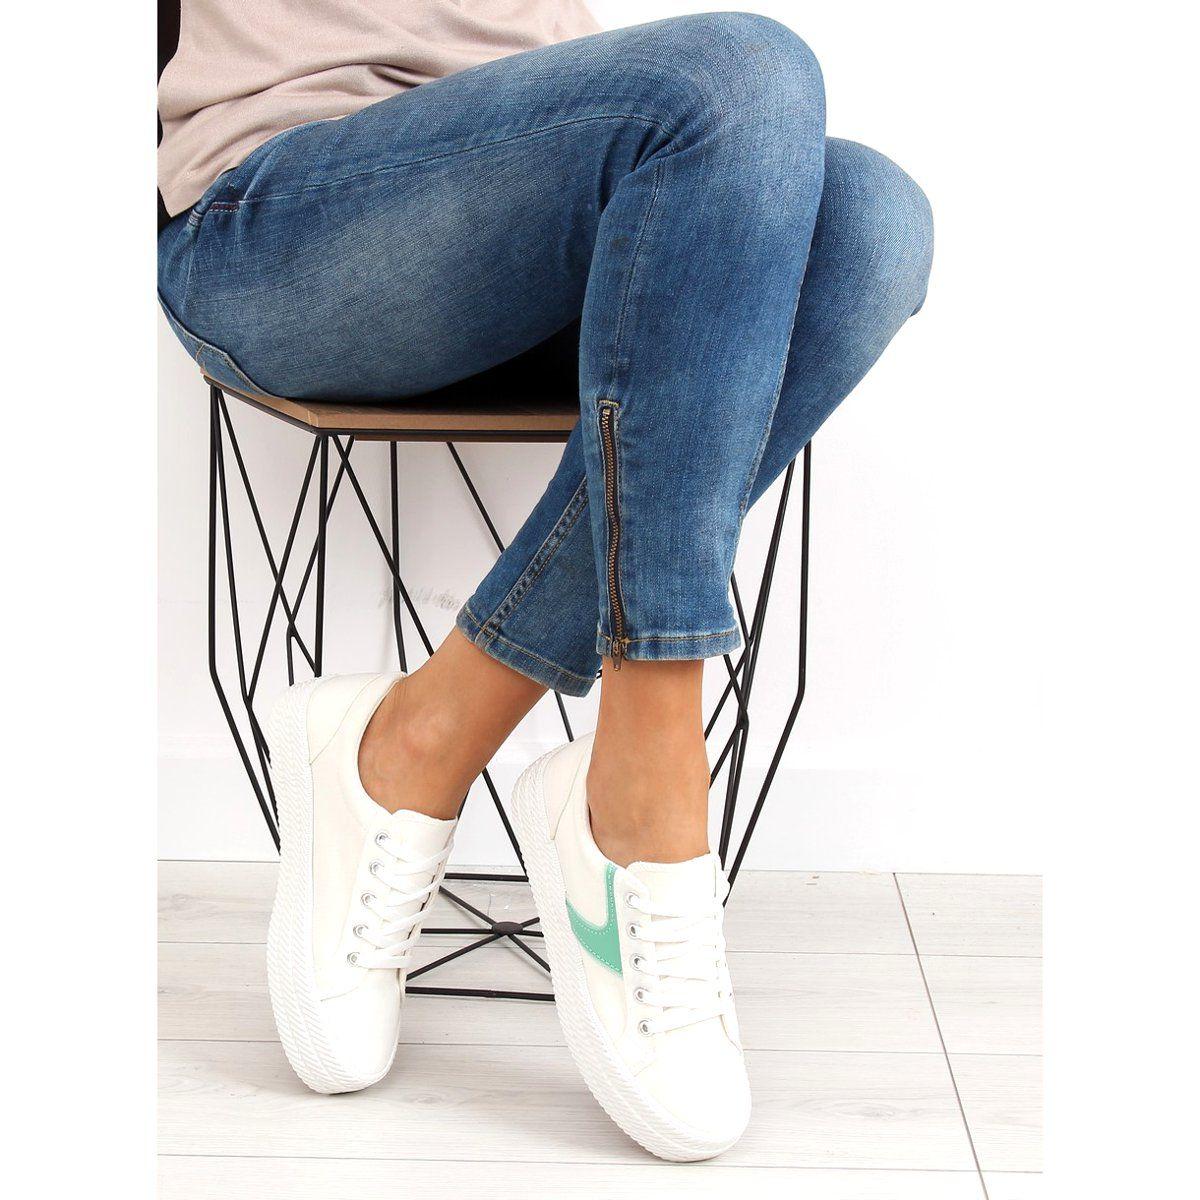 Tenisowki Damskie Obuwiedamskie Trampki Na Wysokiej Podeszwie Biale Blanco Obuwie Damskie High Heel Sneakers Sneaker Heels Insta Fashion